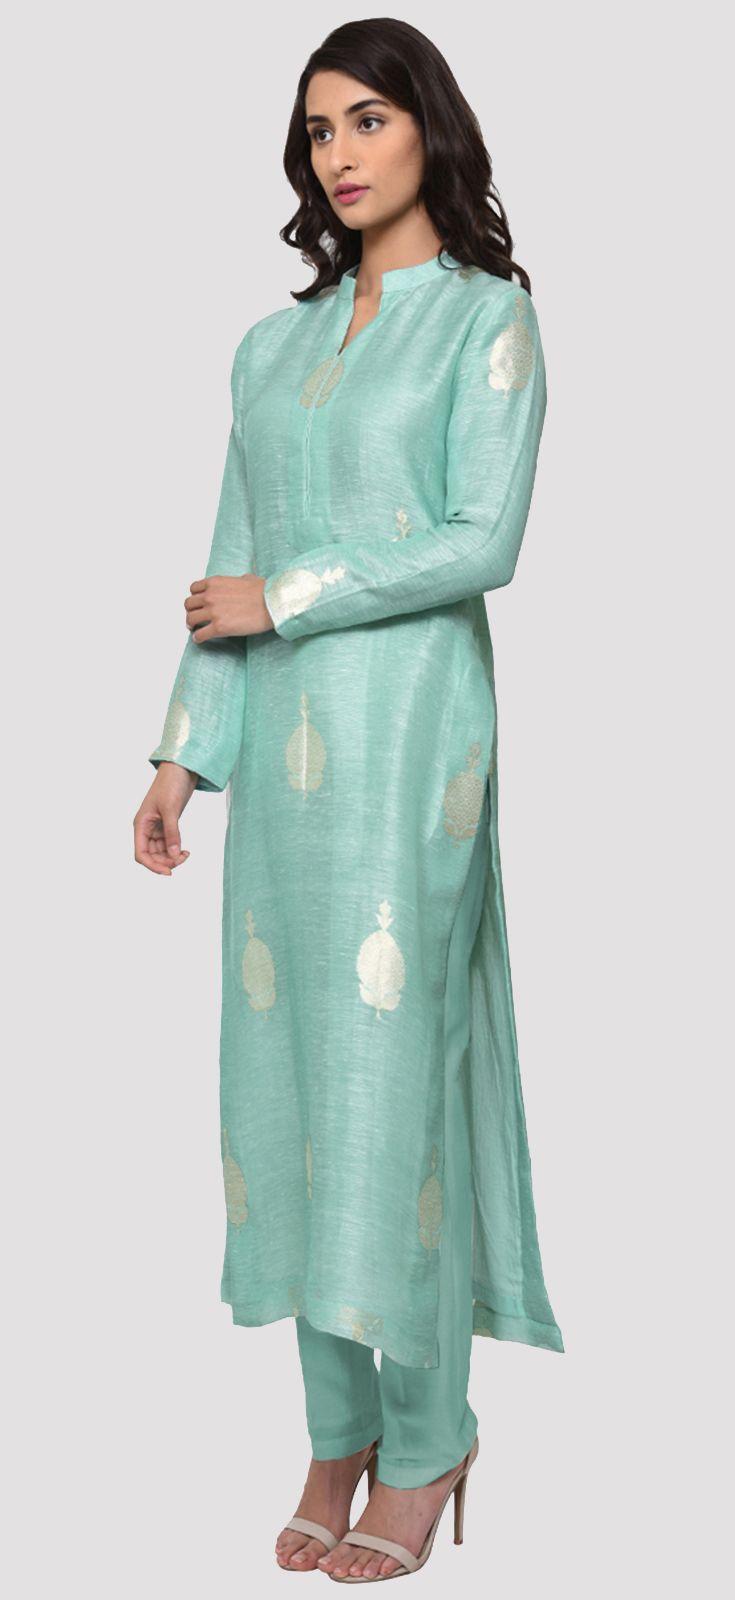 Limpet Shell Banarasi Zari Handwoven Silk-Linen Kurta